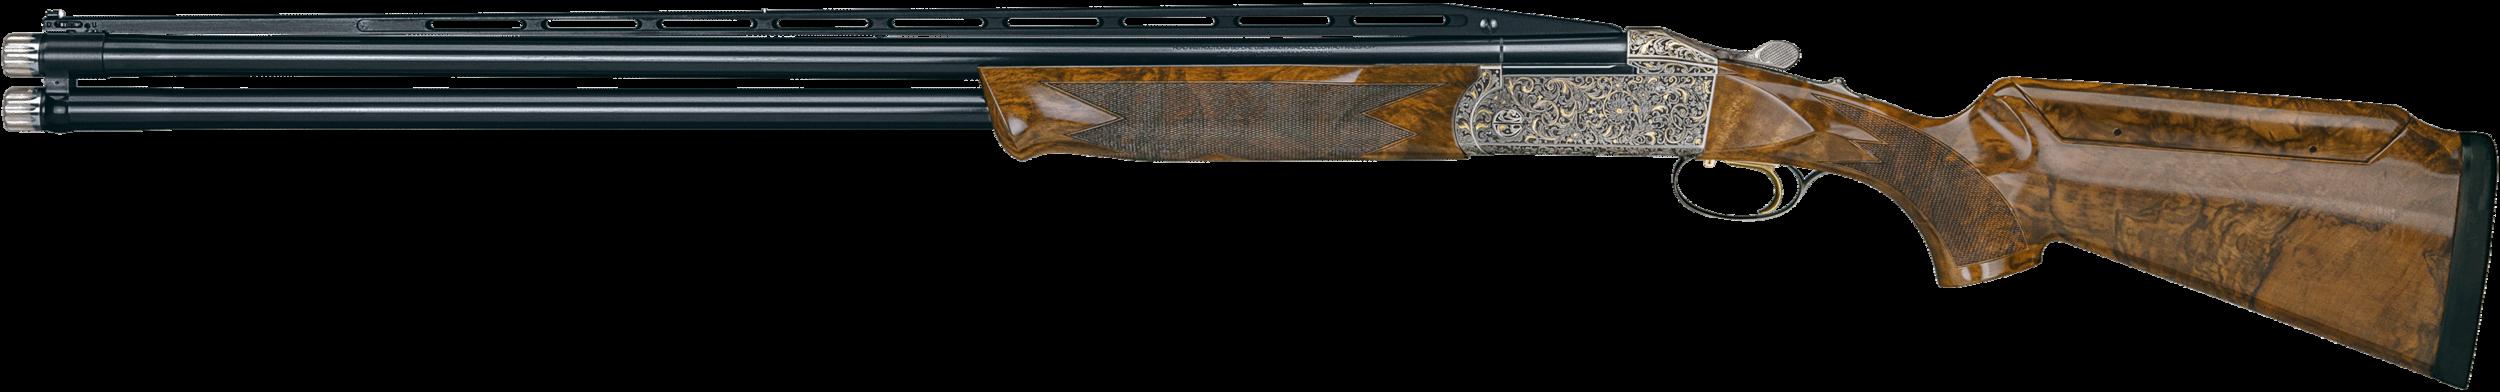 Krieghoff K-80 Pro Sporter